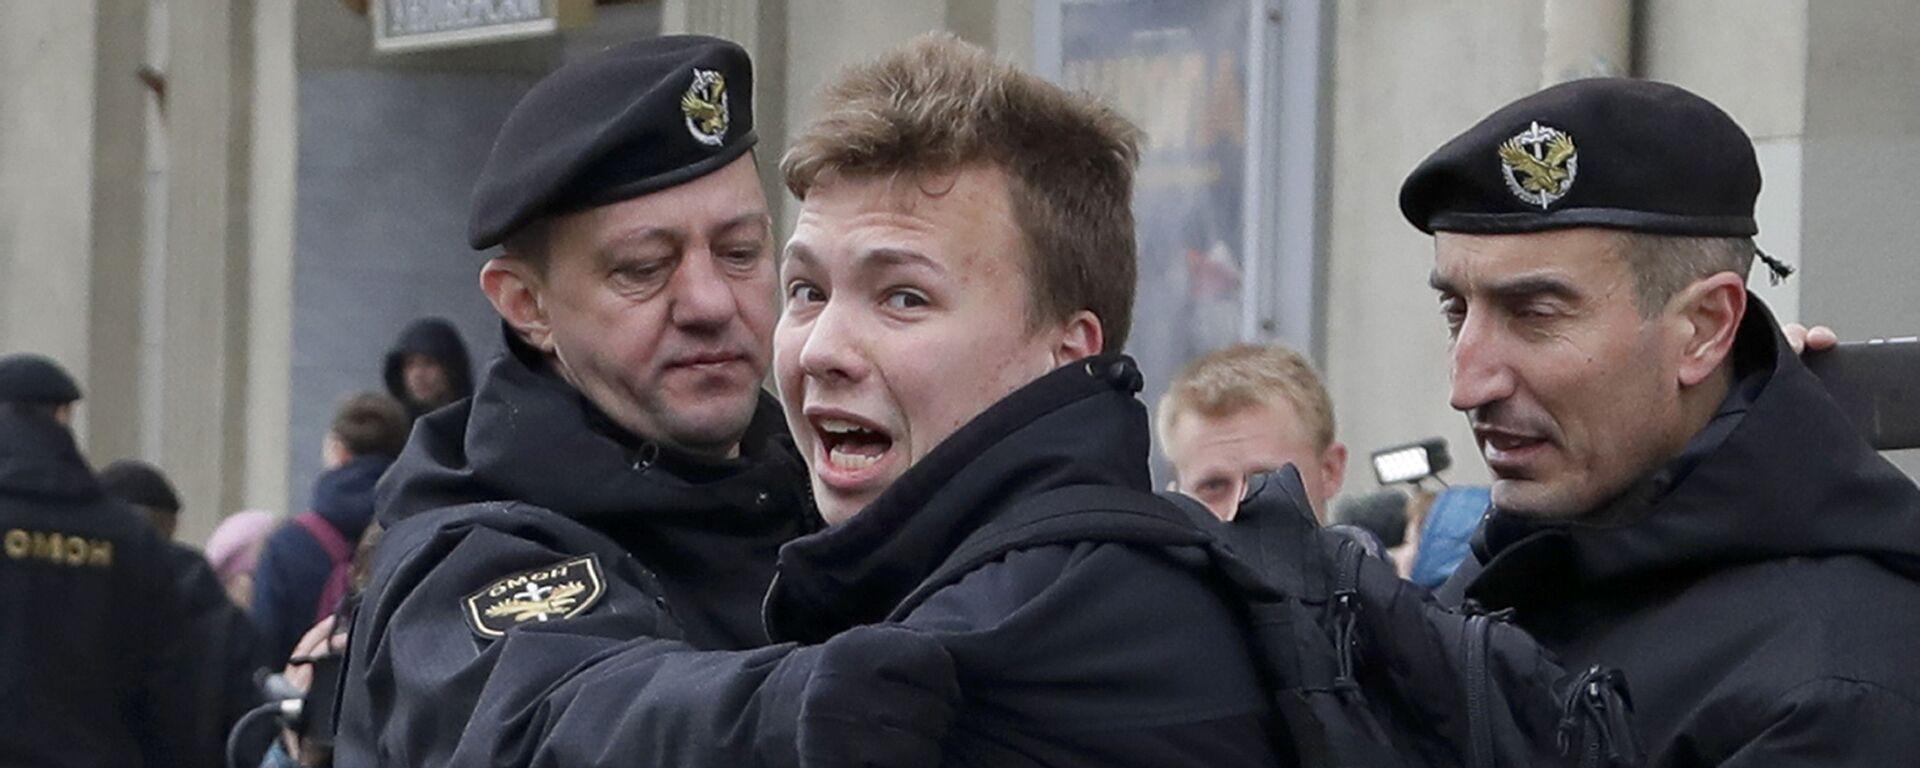 Policja zatrzymuje dziennikarza Ramana Pratasiewicza w Mińsku, Białoruś - Sputnik Polska, 1920, 11.08.2021